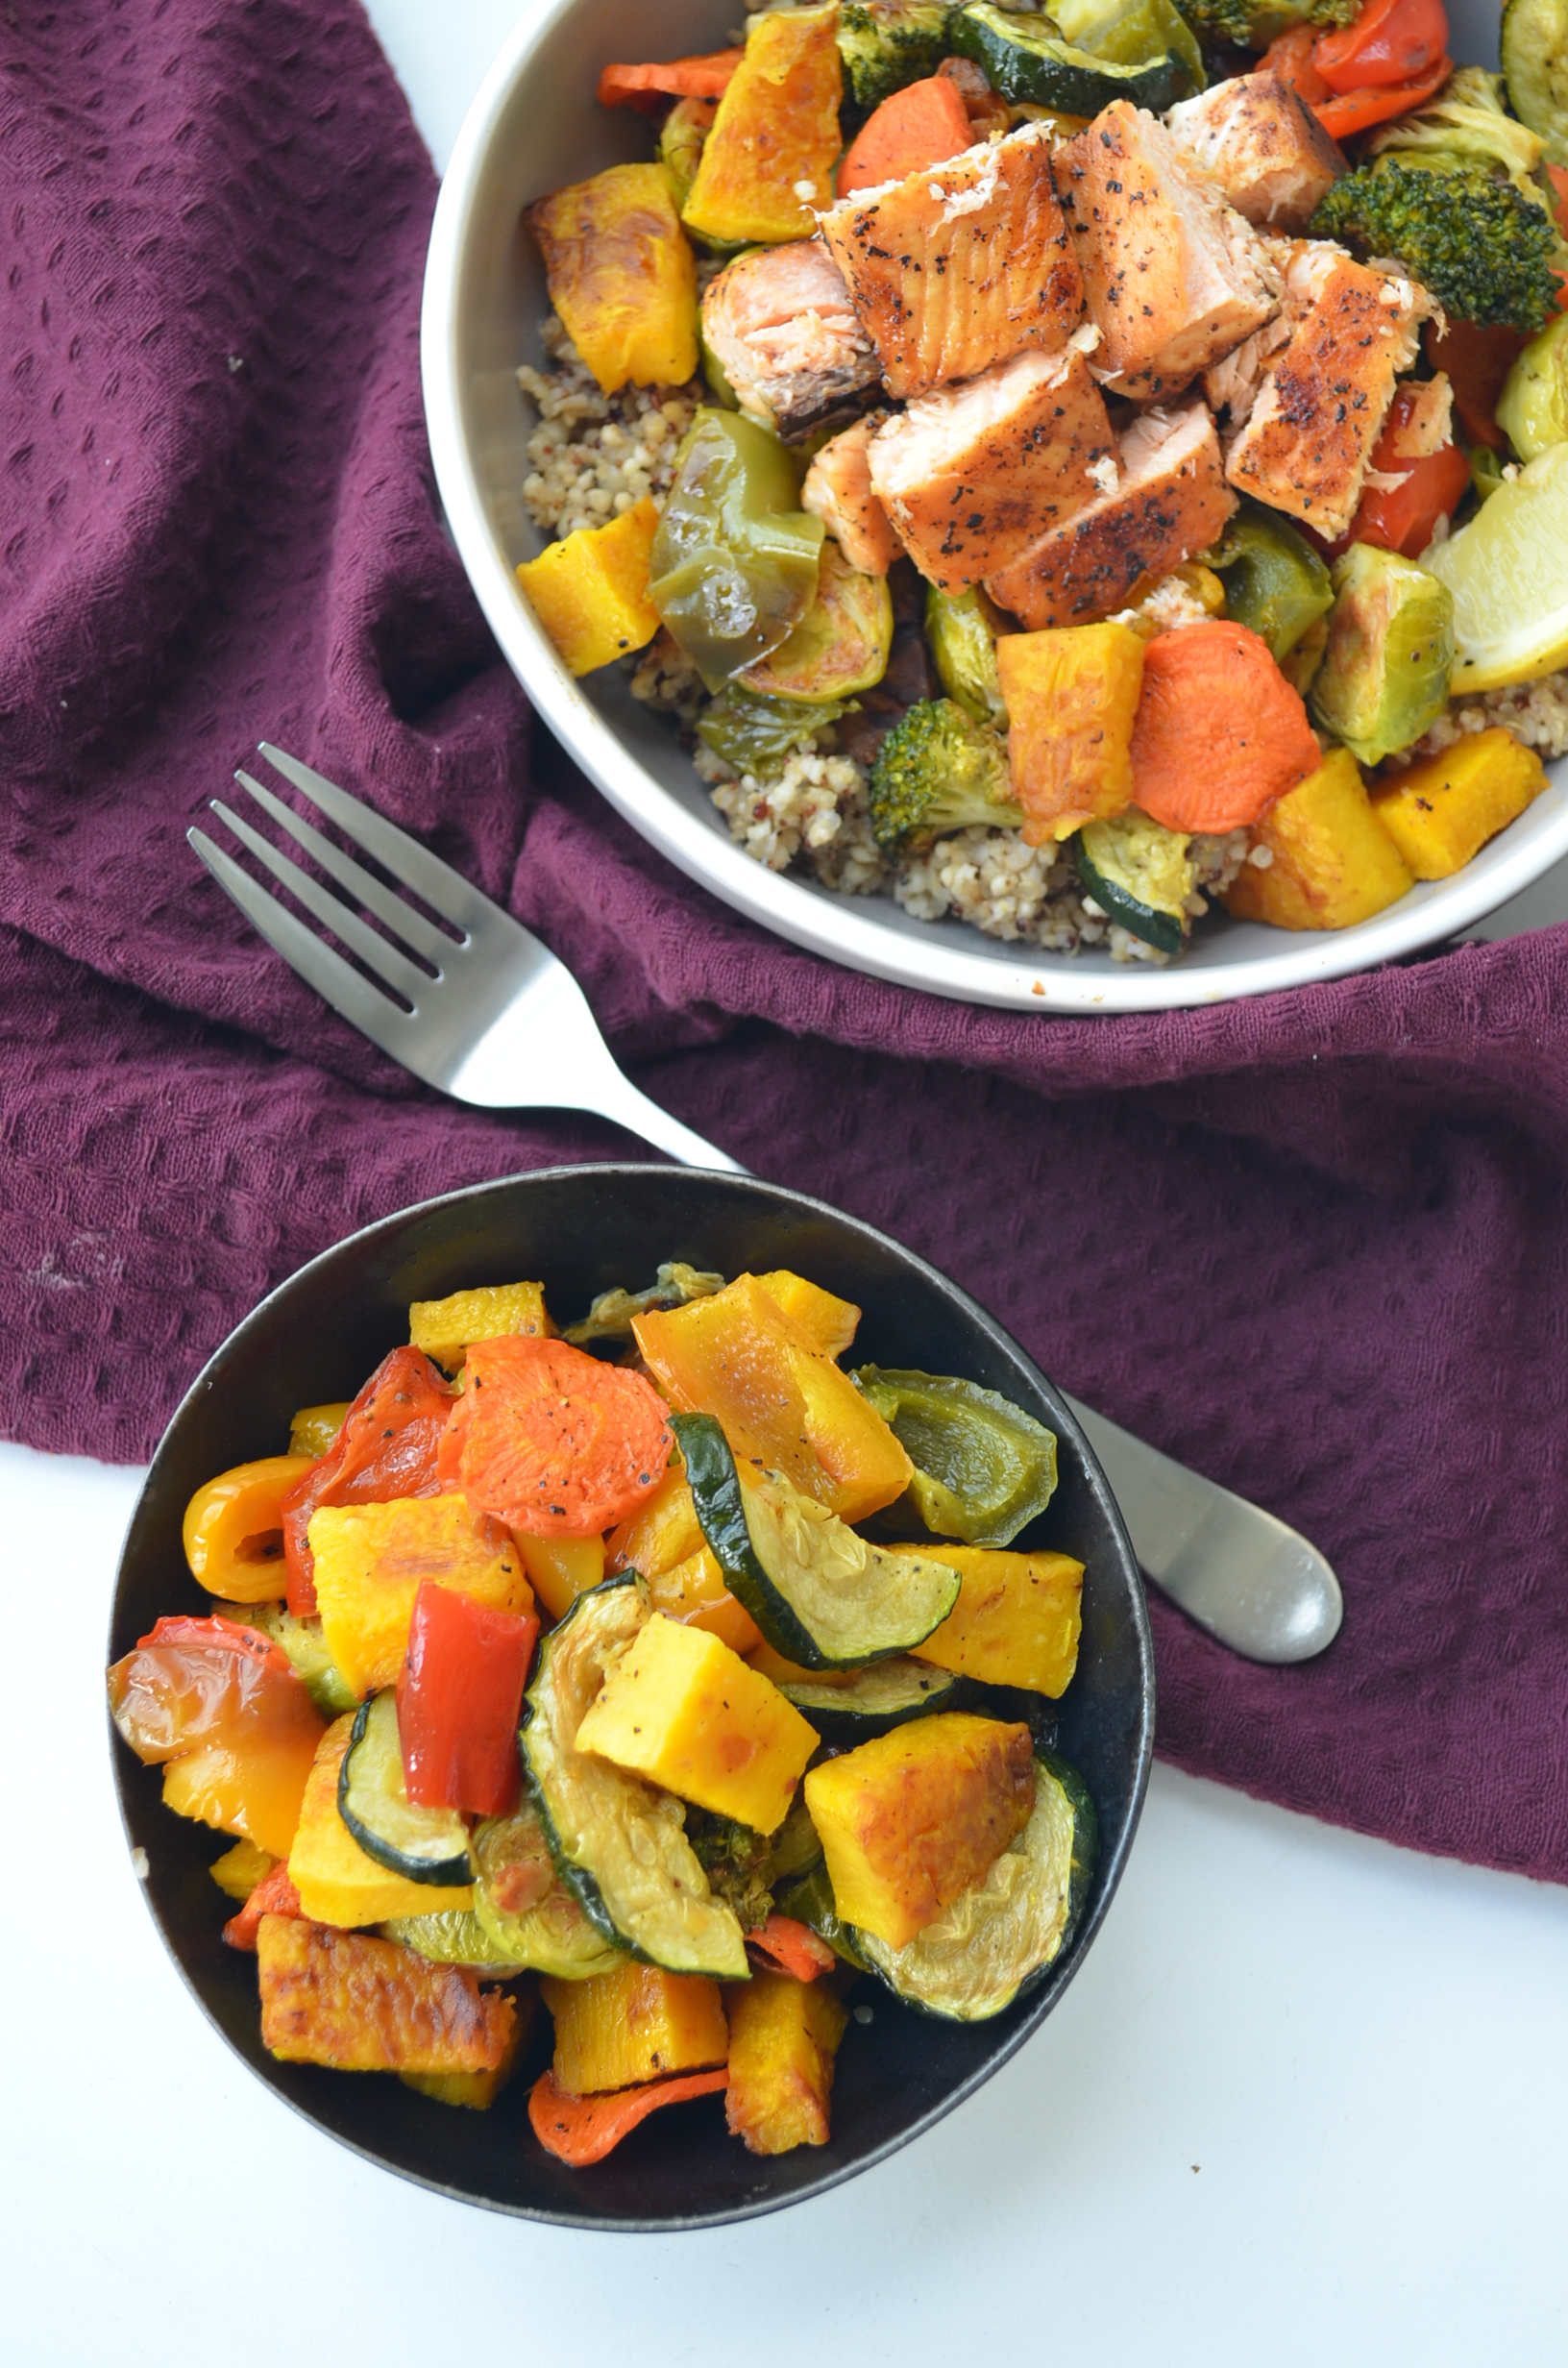 Pansheet Veggie and Salmon Bowl